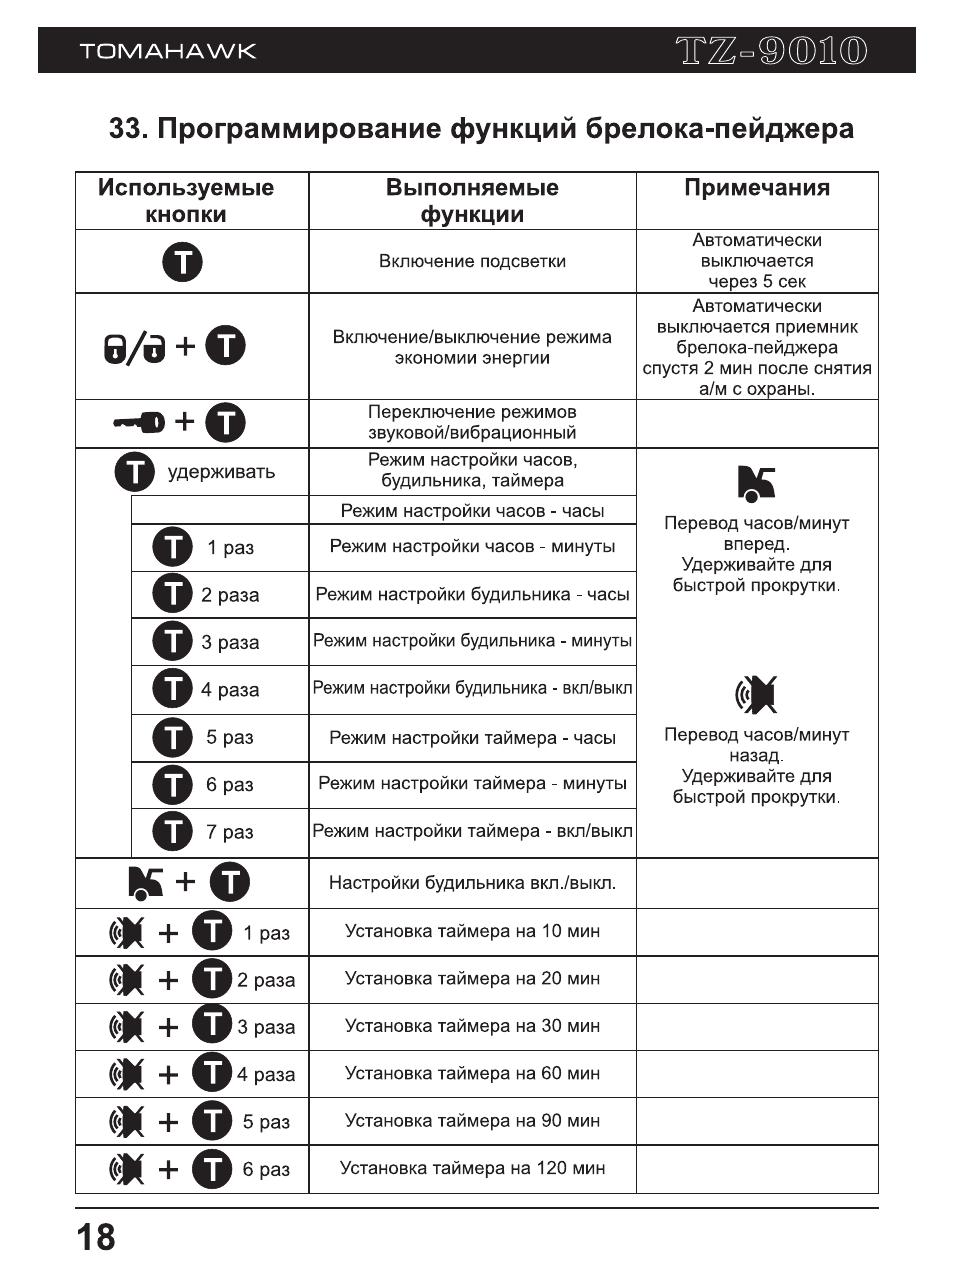 инструкция по эксплуатации томагавк tz 90 10